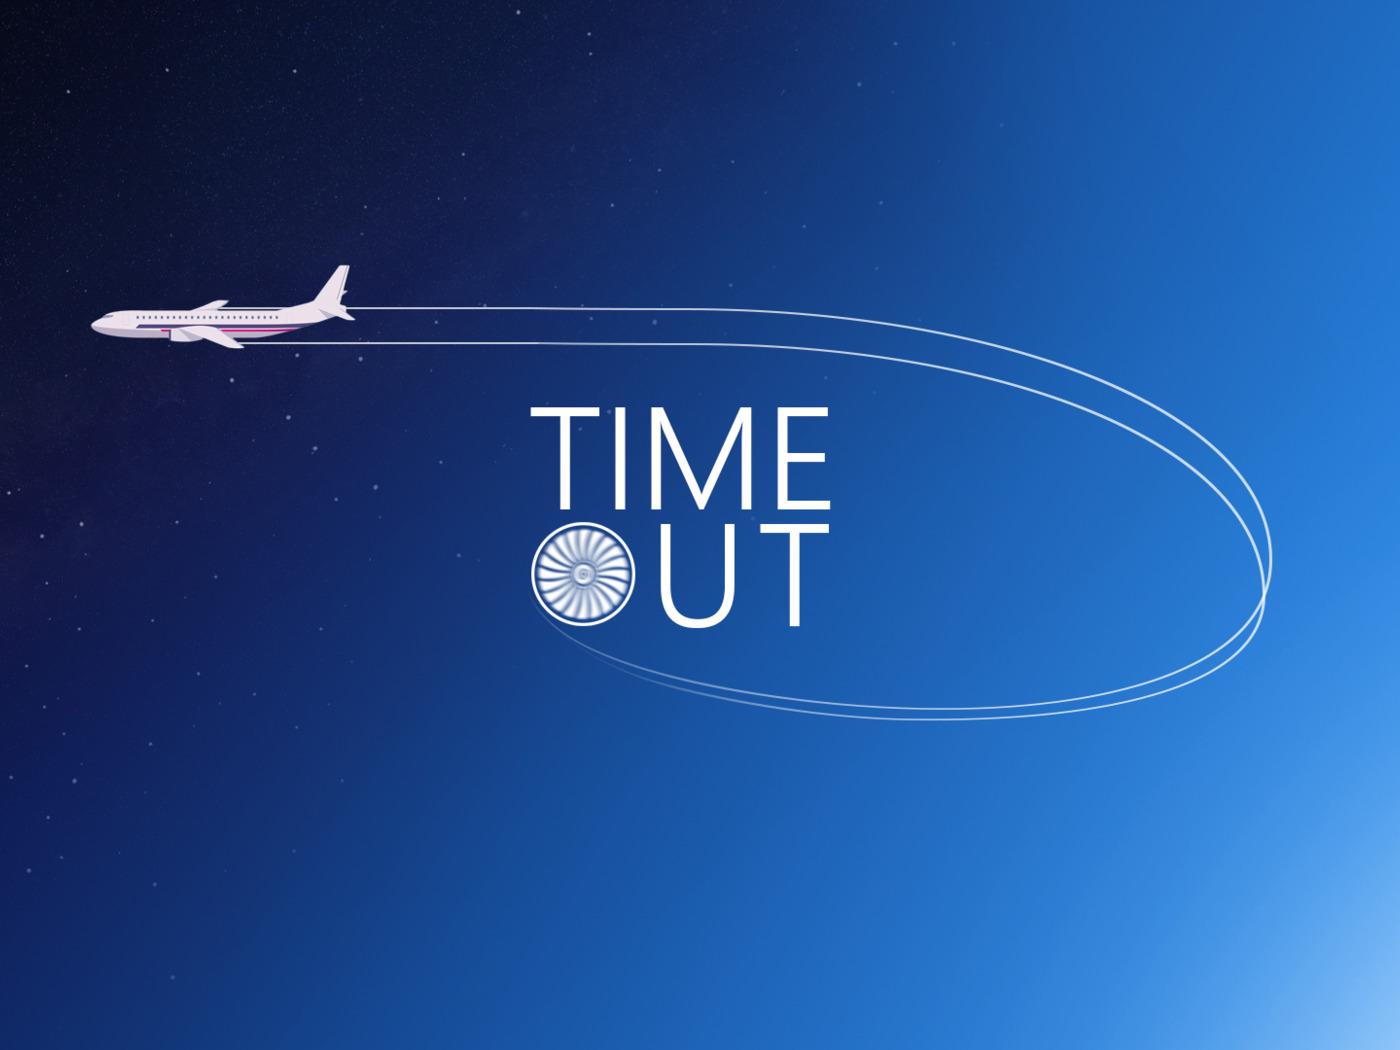 airplane-digital-art-qhd.jpg